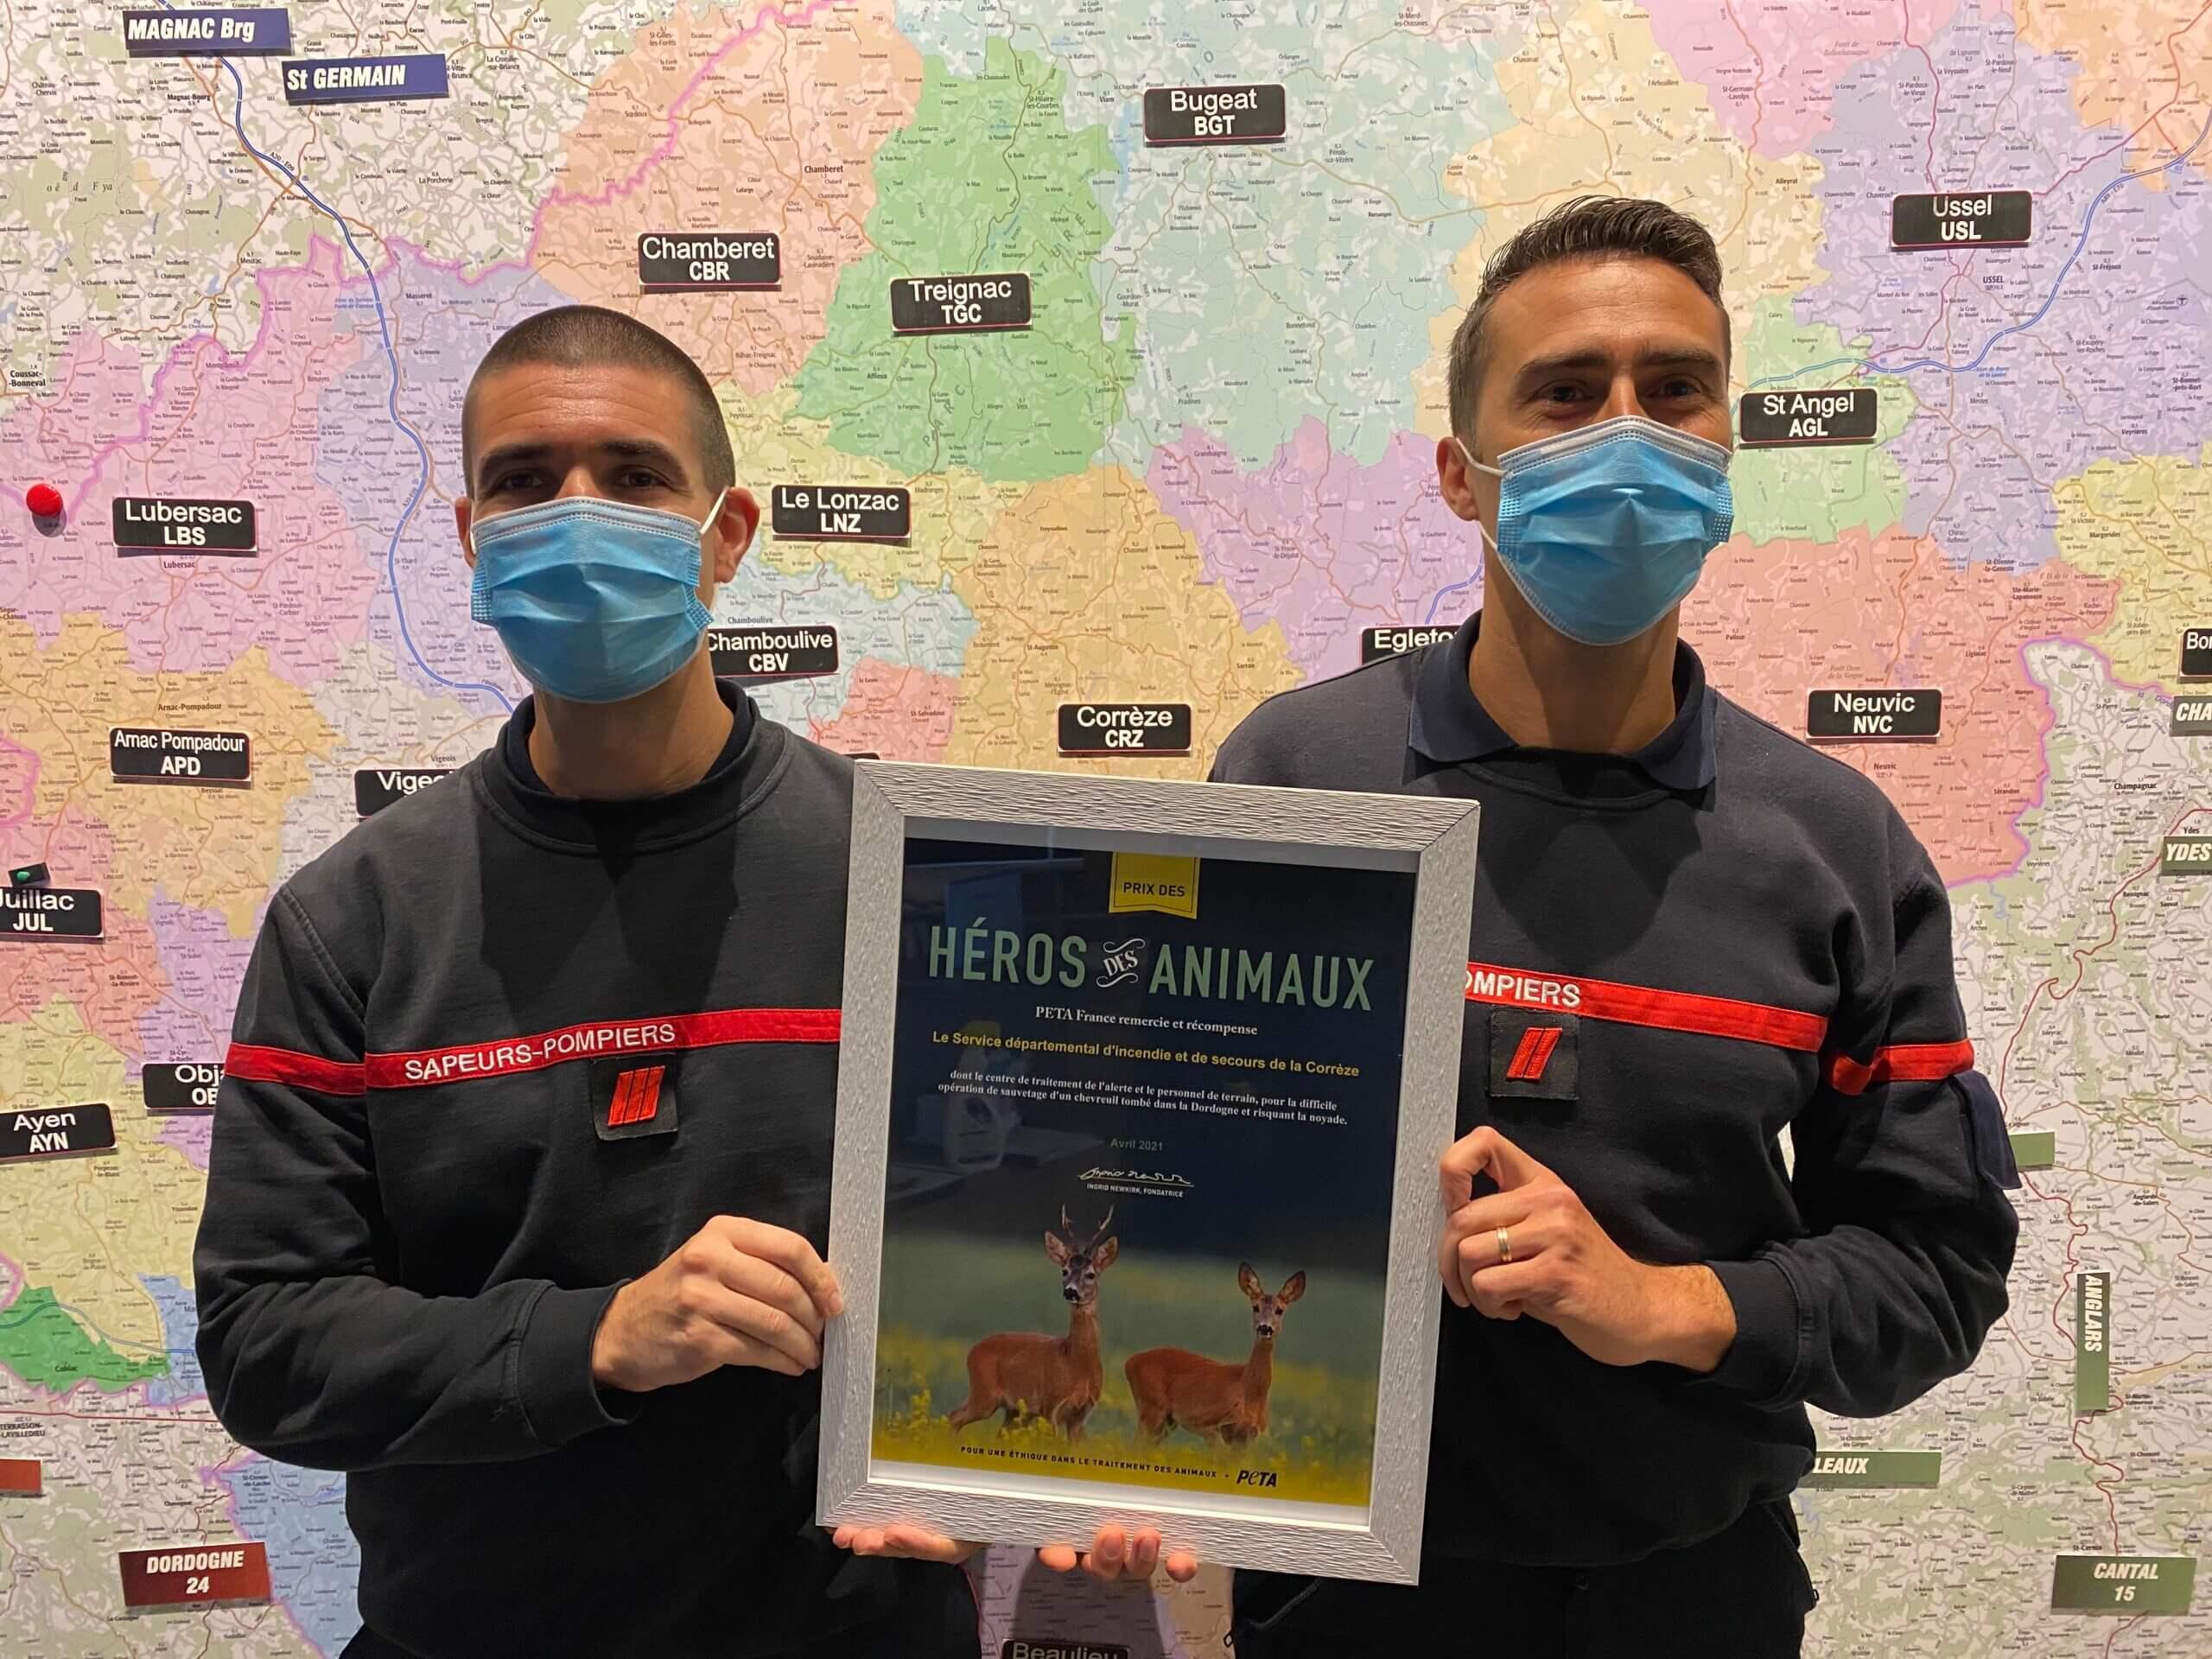 Les pompiers du SDIS19 reçoivent le «Prix des Héros pour les animaux» de PETA